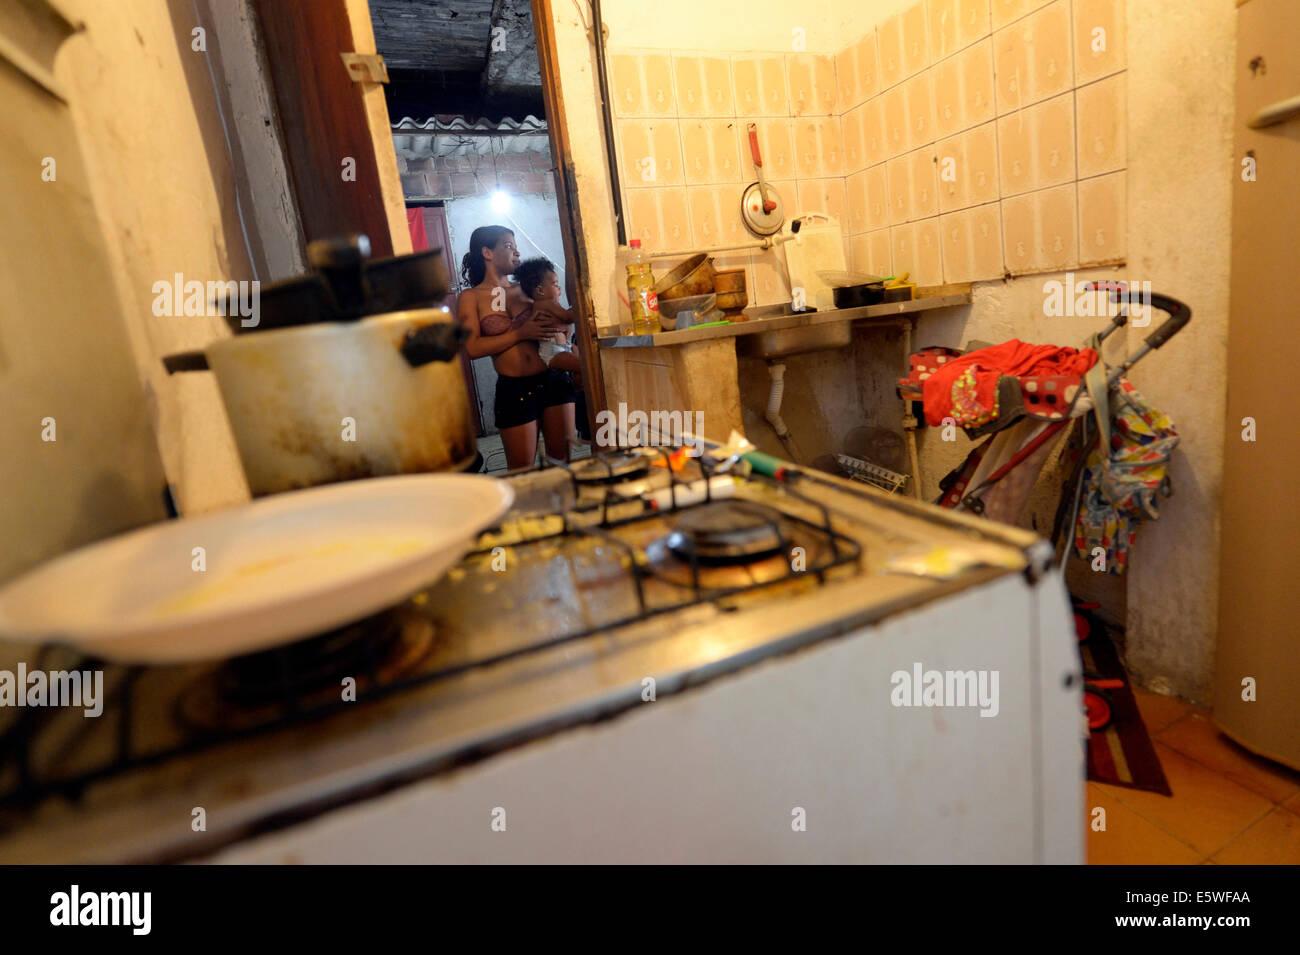 Cuisine à s'arrêter dans un squat ou maison habitée, Gloria, Rio de Janeiro, Rio de Janeiro, Photo Stock